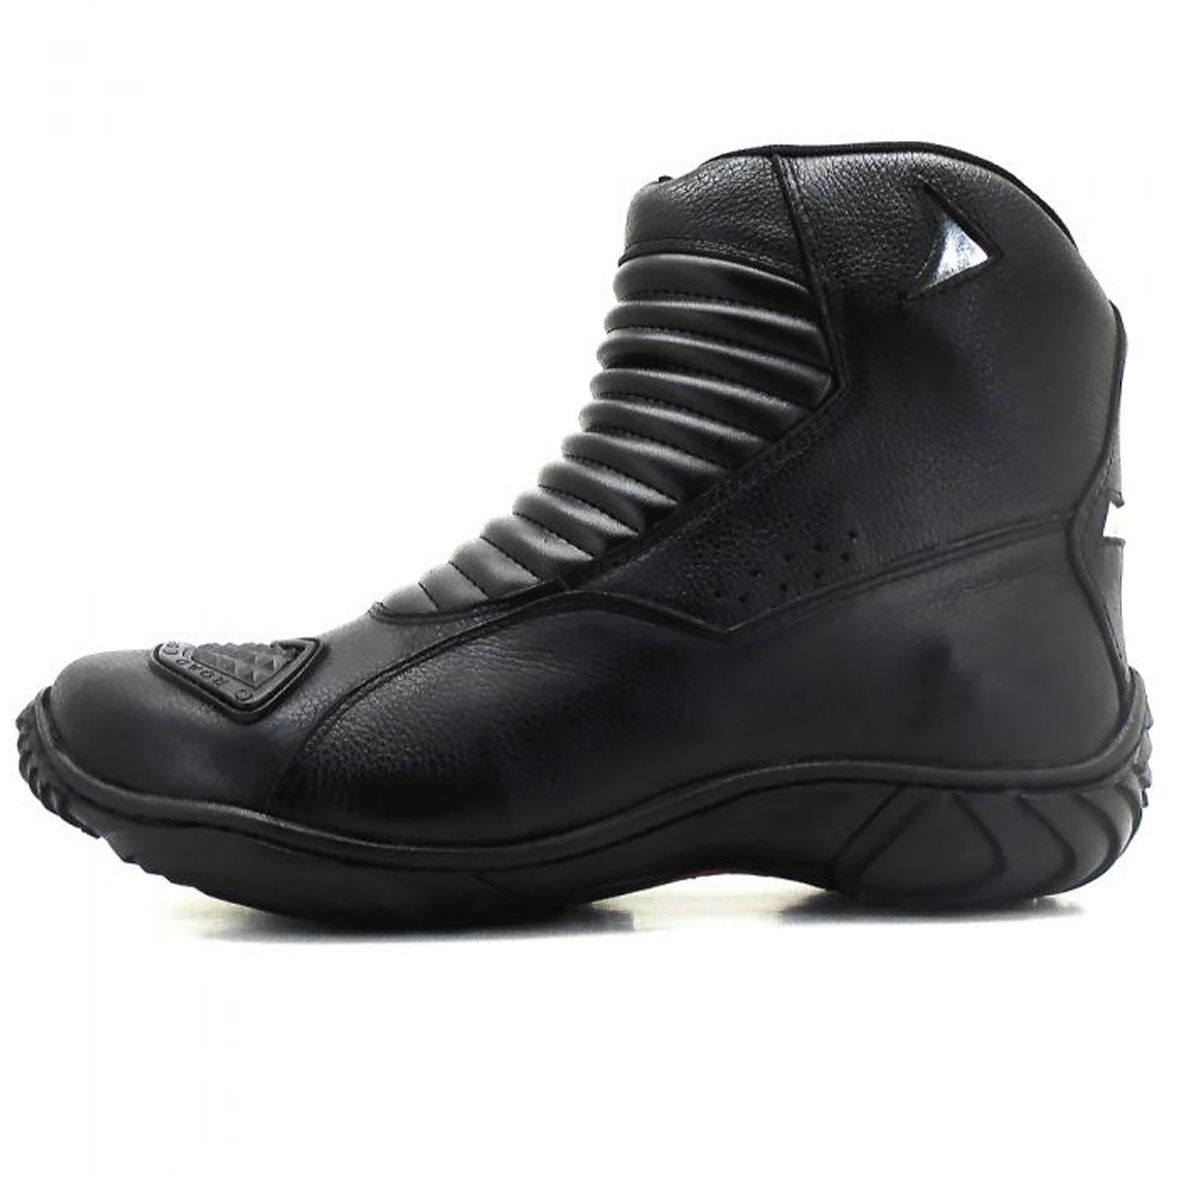 Bota para motociclista de cano médio Atron Shoes - GRÁTIS 1 CARTEIRA - 301